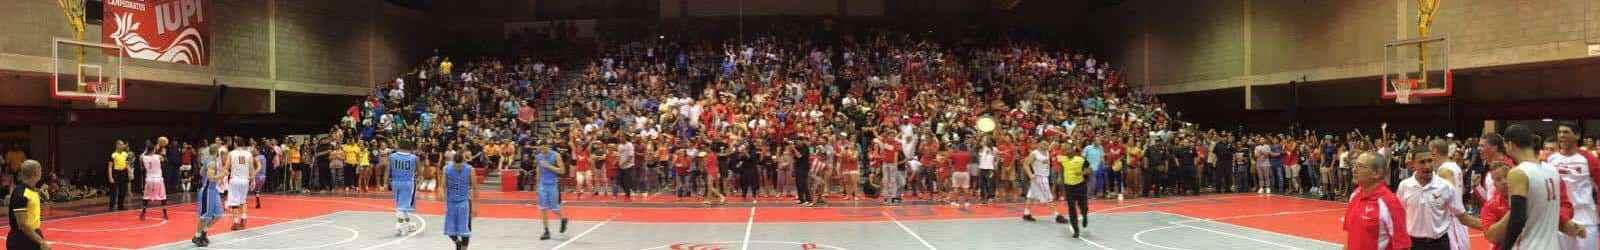 Gallitos obtienen el pase a la final del baloncesto universitario